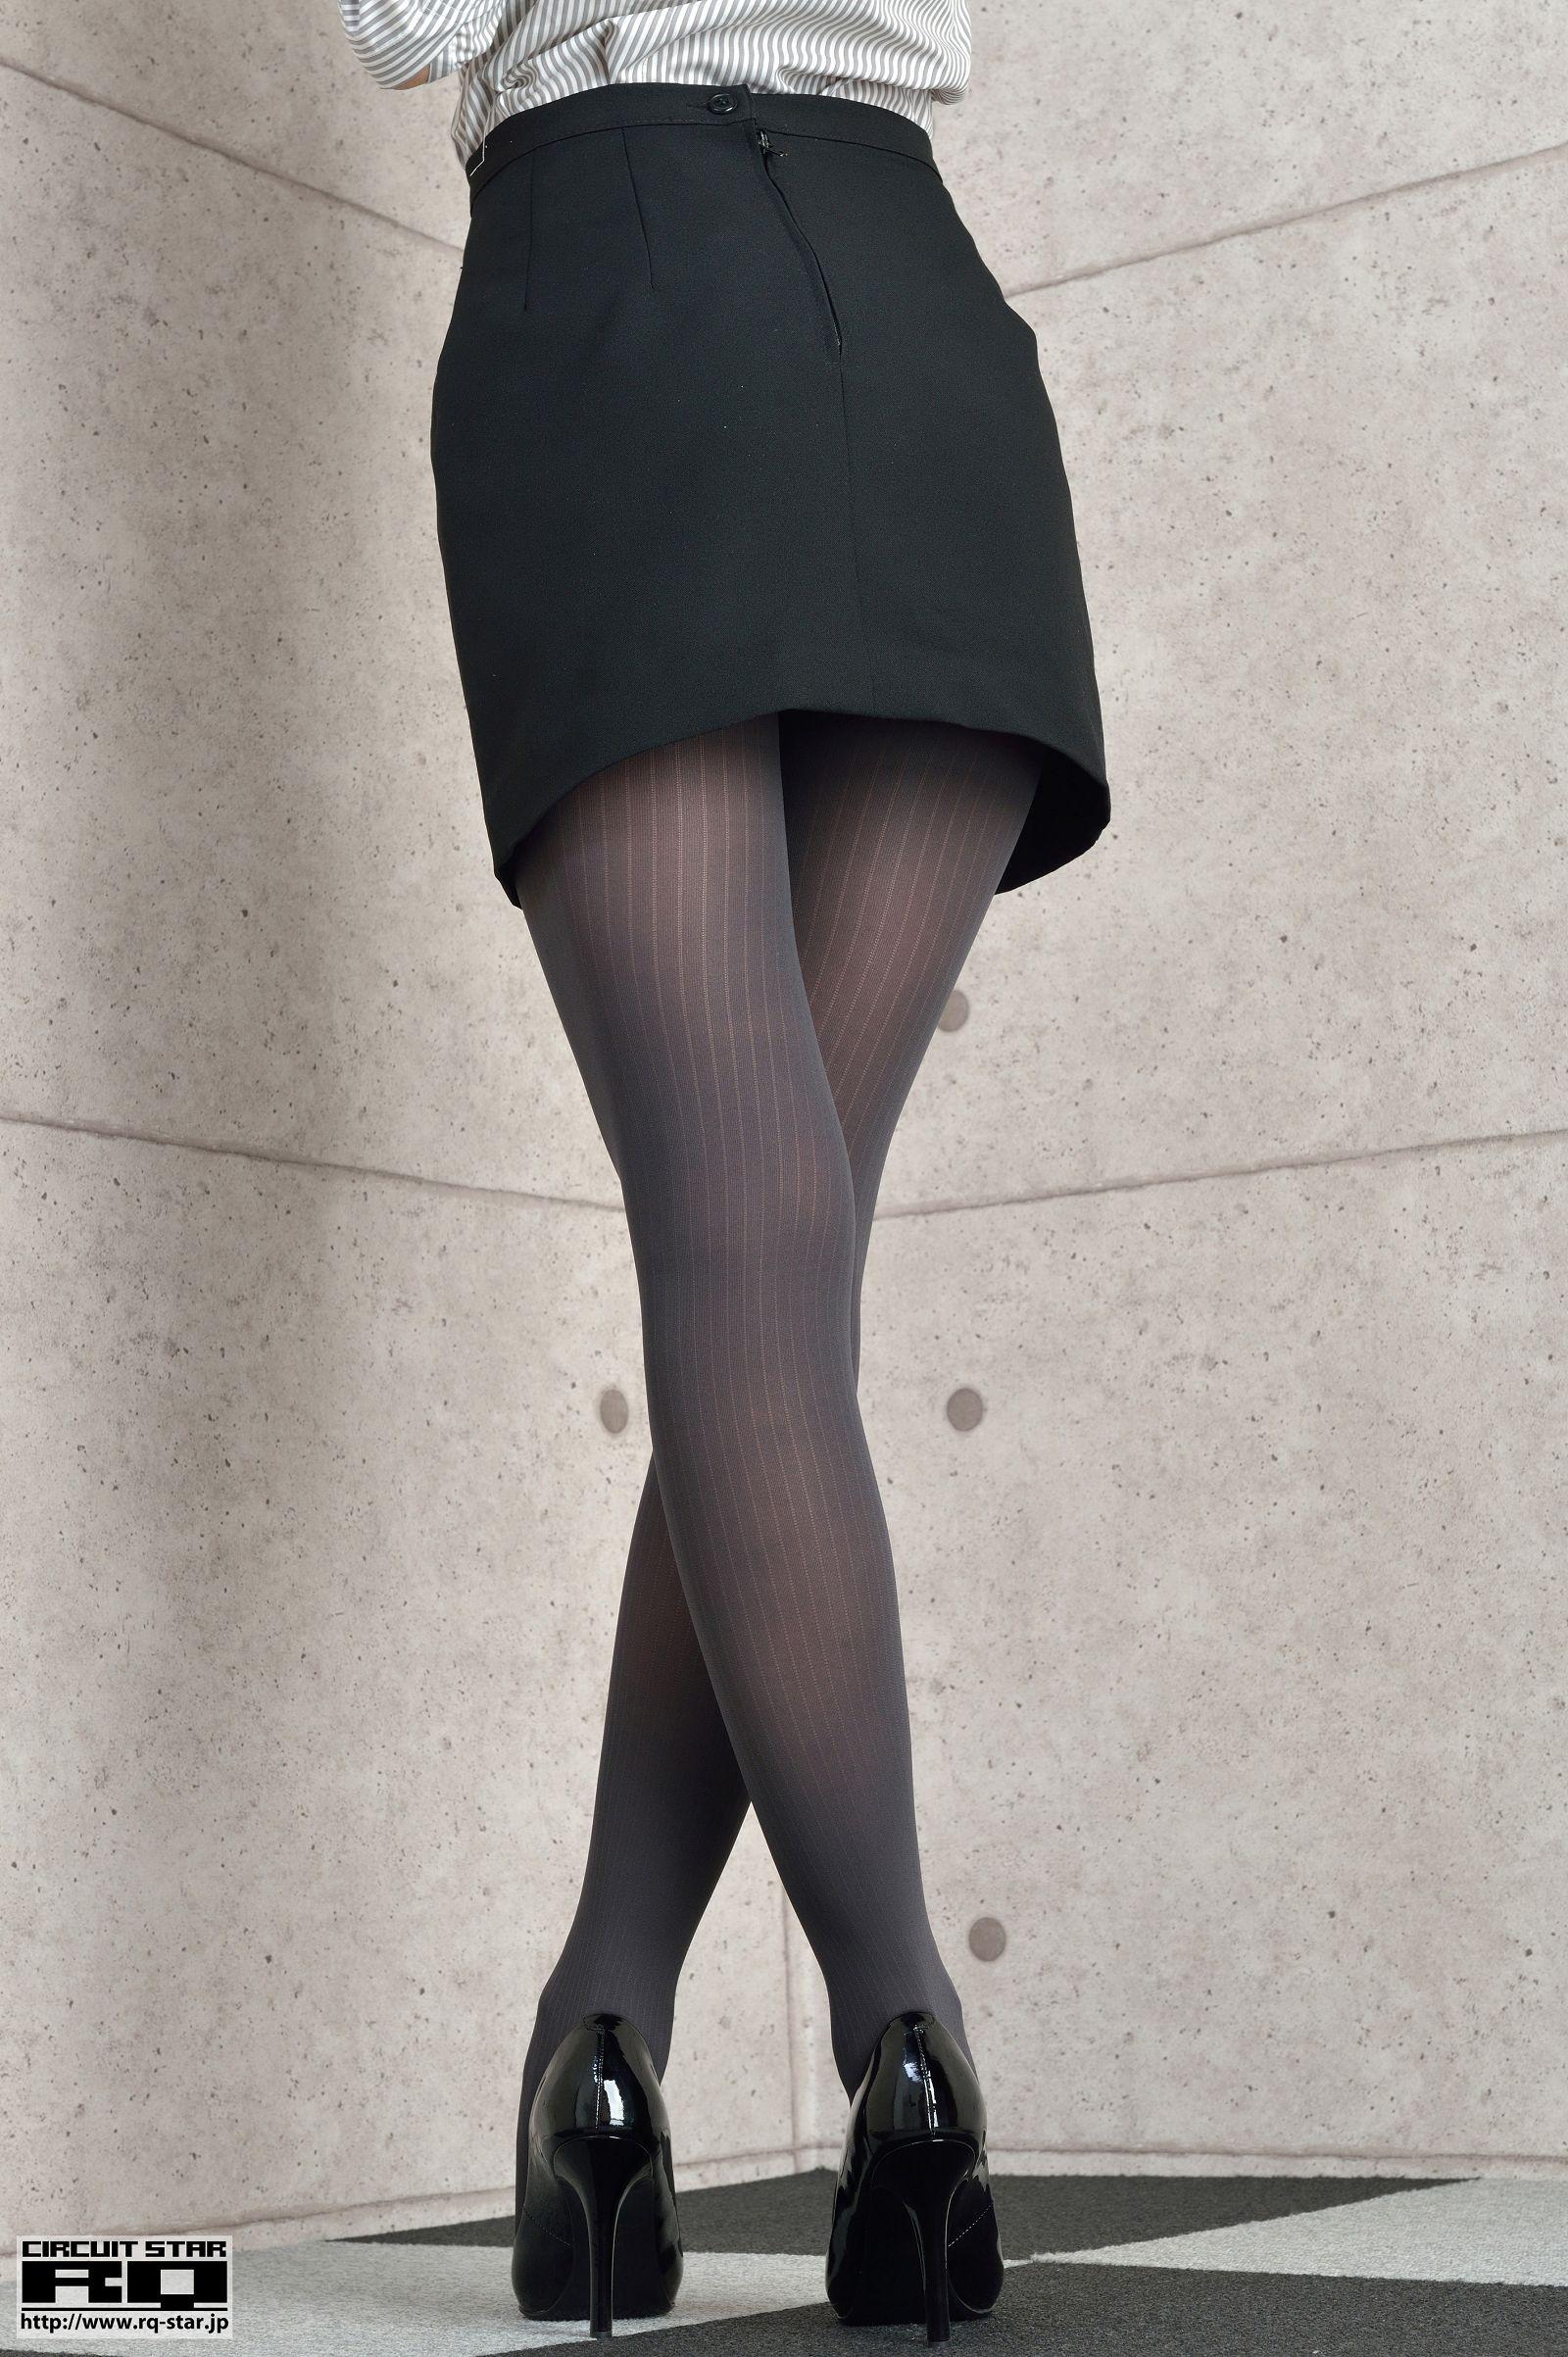 [RQ STAR美女] NO.00991 Yui Iwasaki 岩崎由衣 Office Lady[100P] RQ STAR 第2张